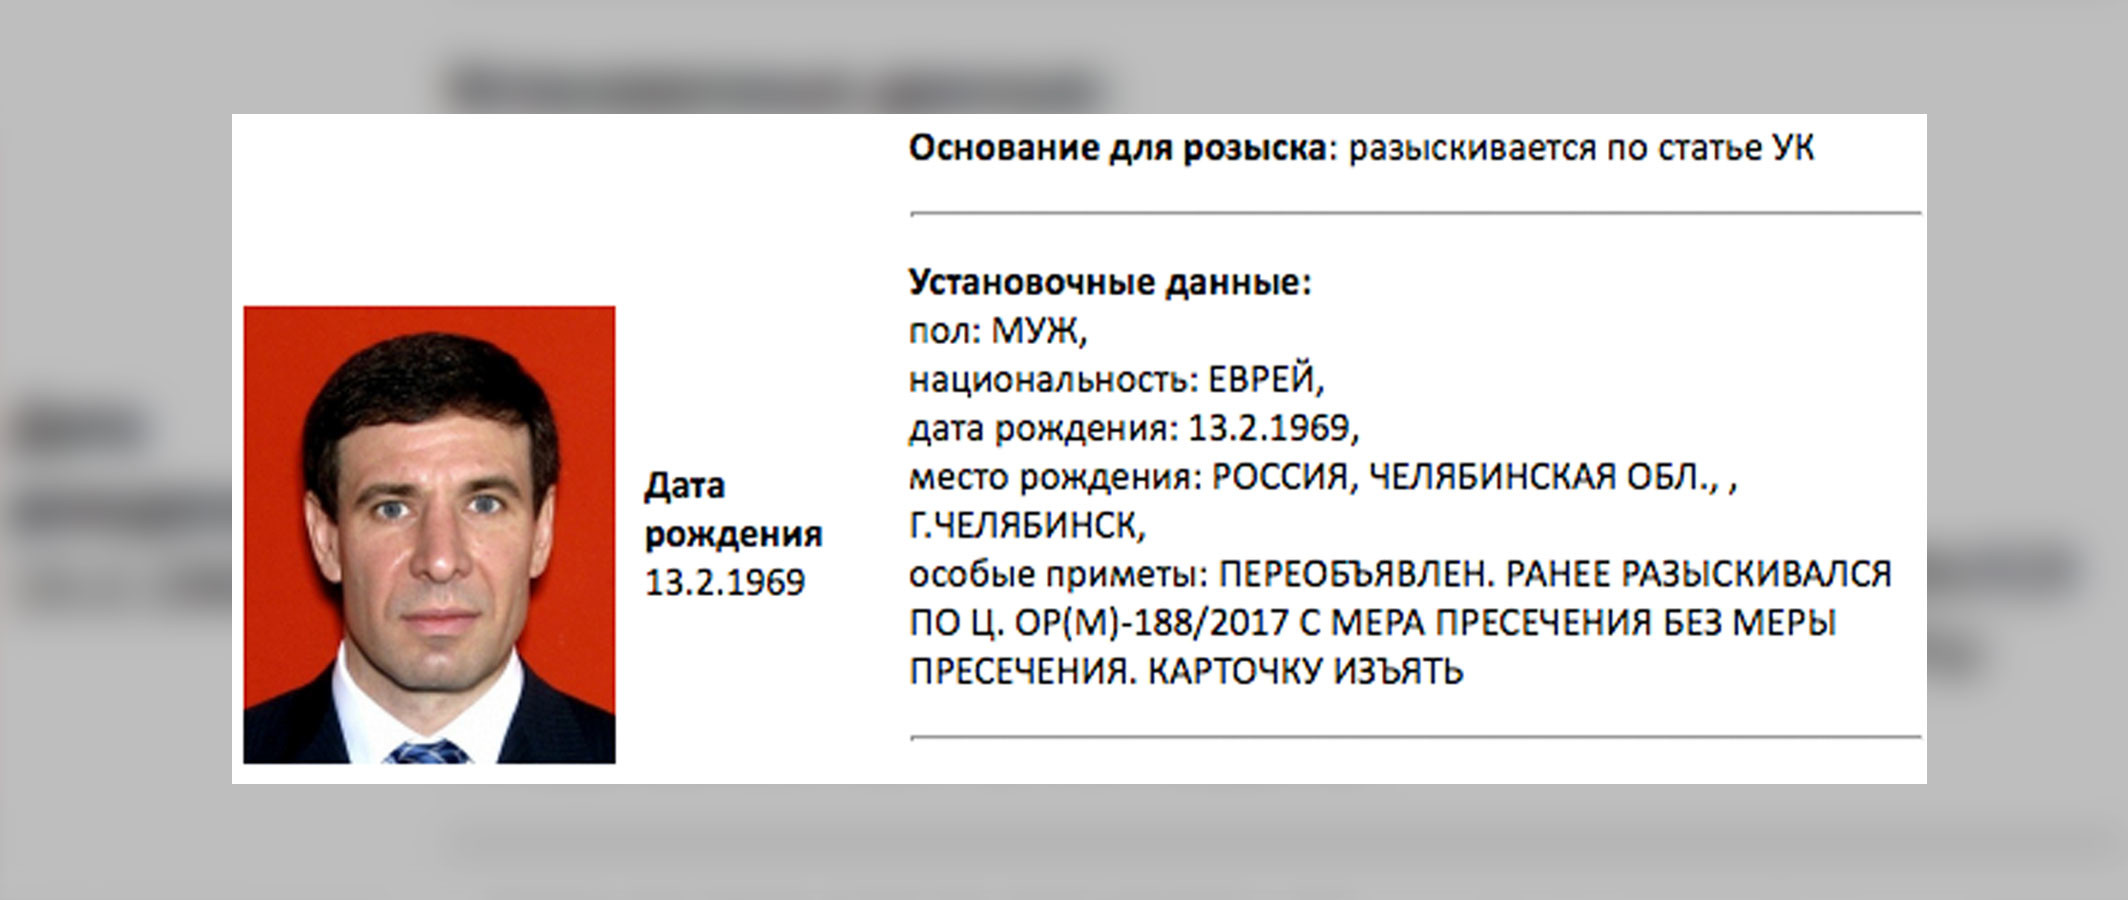 Выписка на имя Михаила Юревича из базы розыска МВД РФ